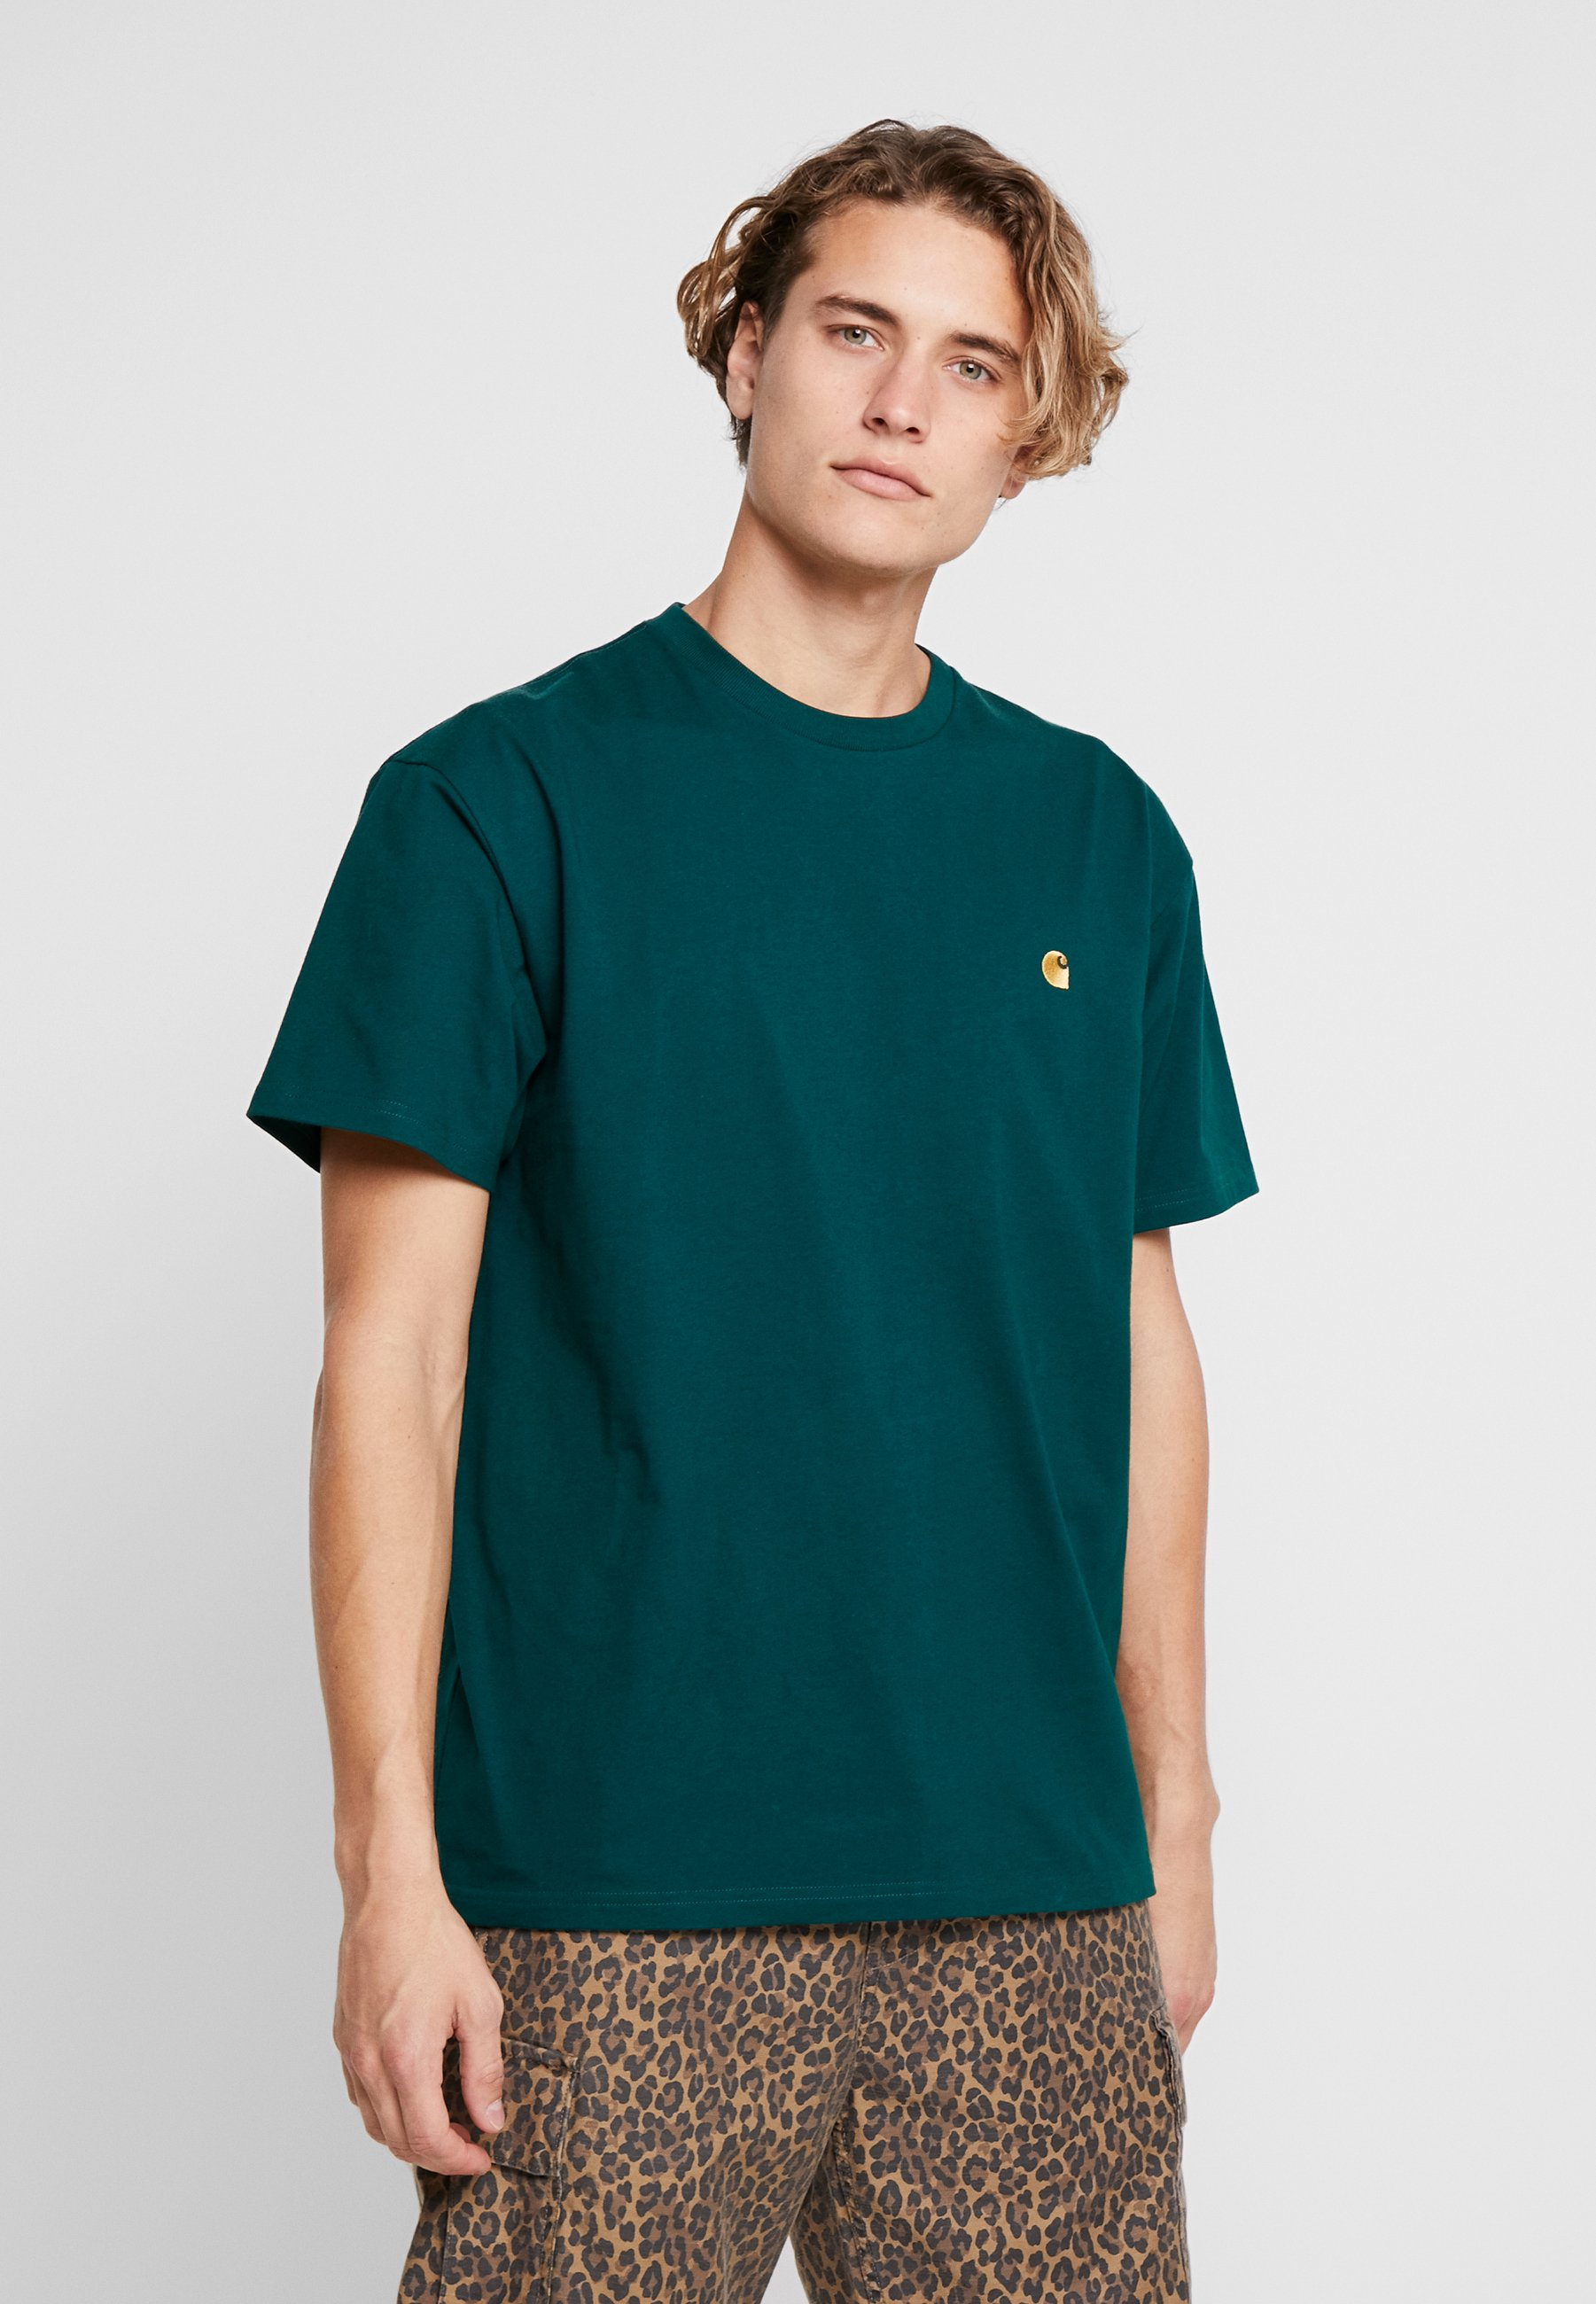 Basique Dark shirt gold Fir ChaseT Wip Carhartt bvY7ygf6